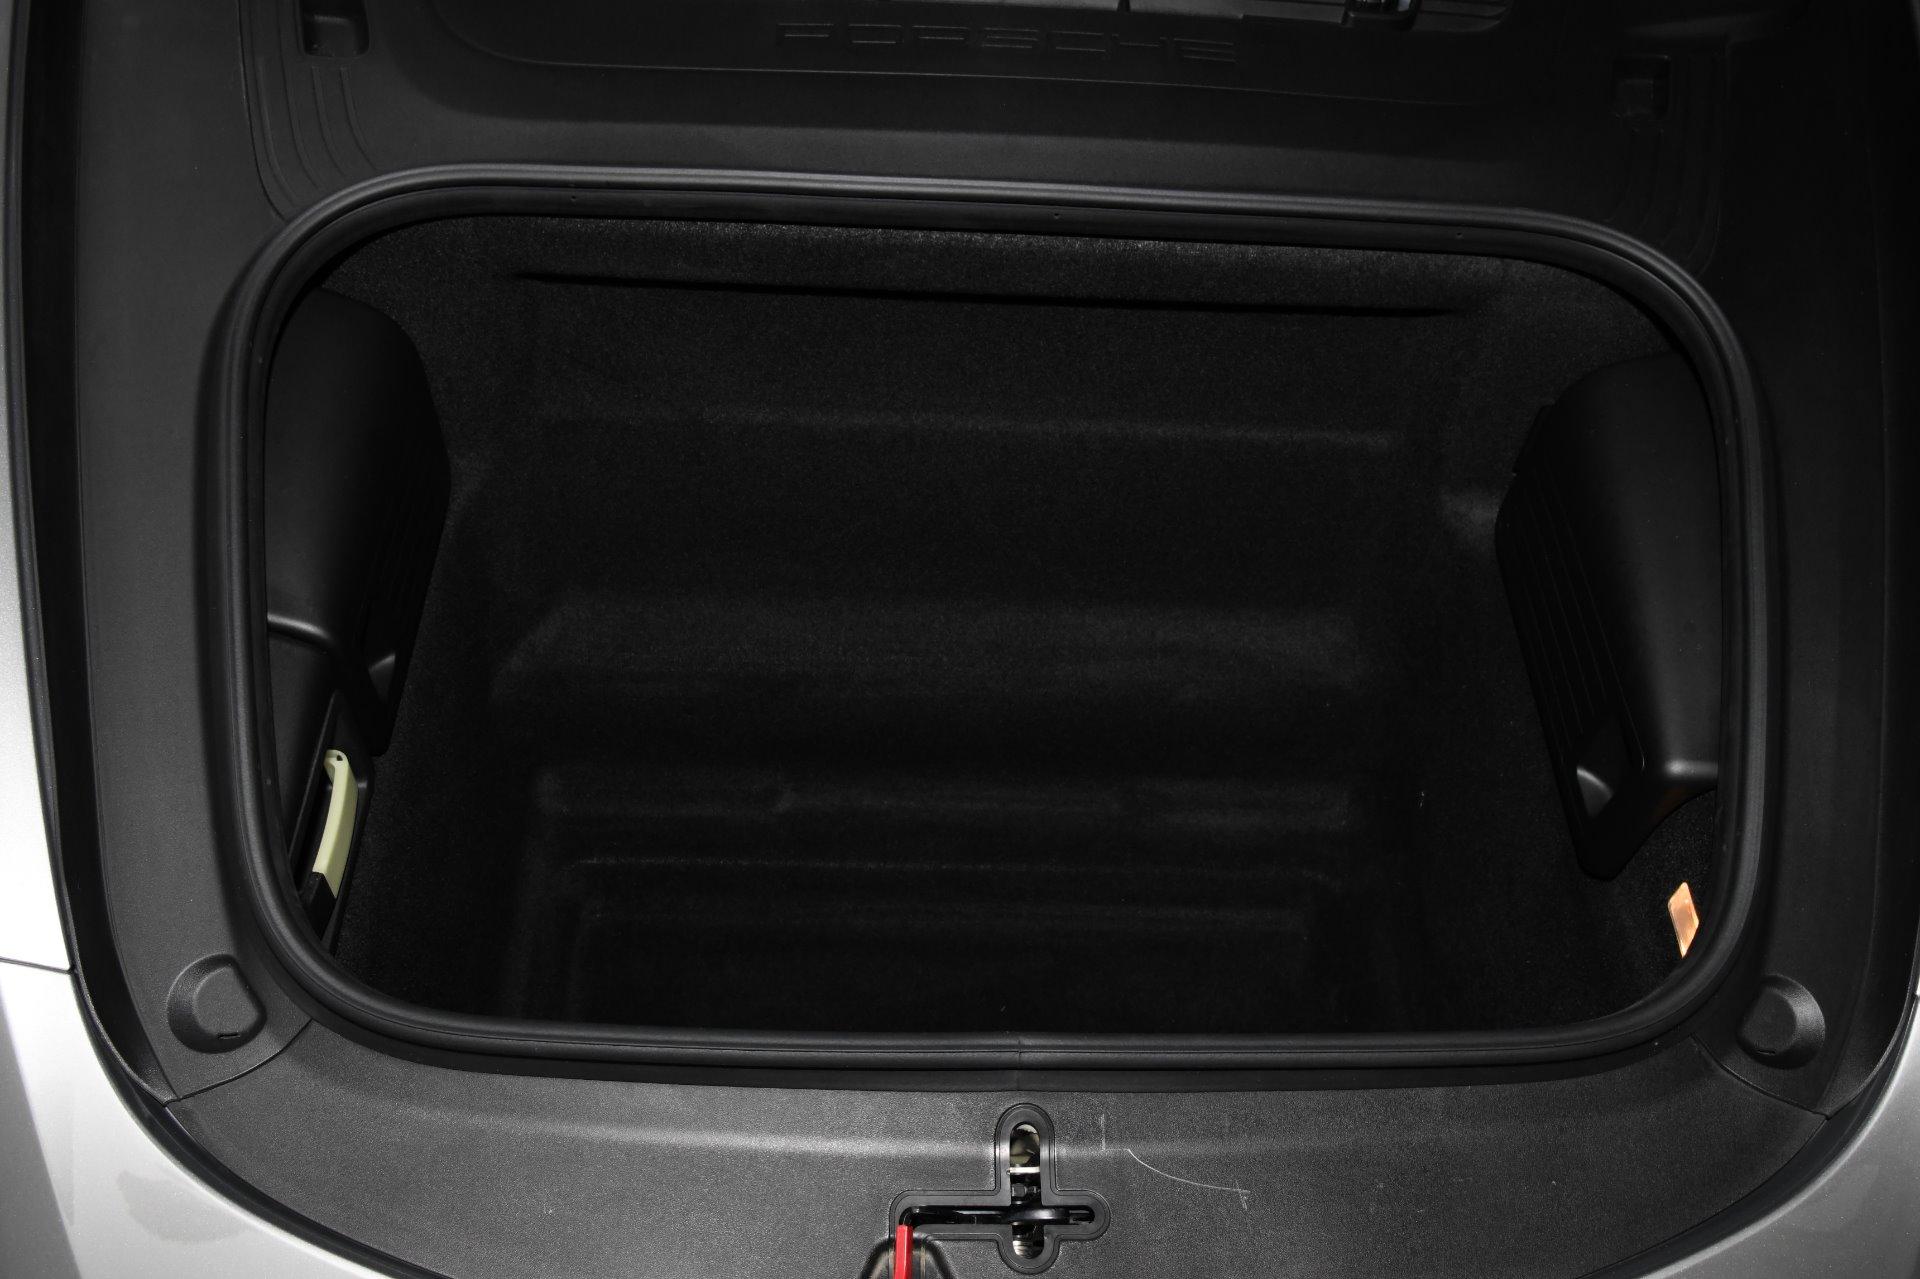 Used 2017 Porsche 718 Boxster S | Chicago, IL